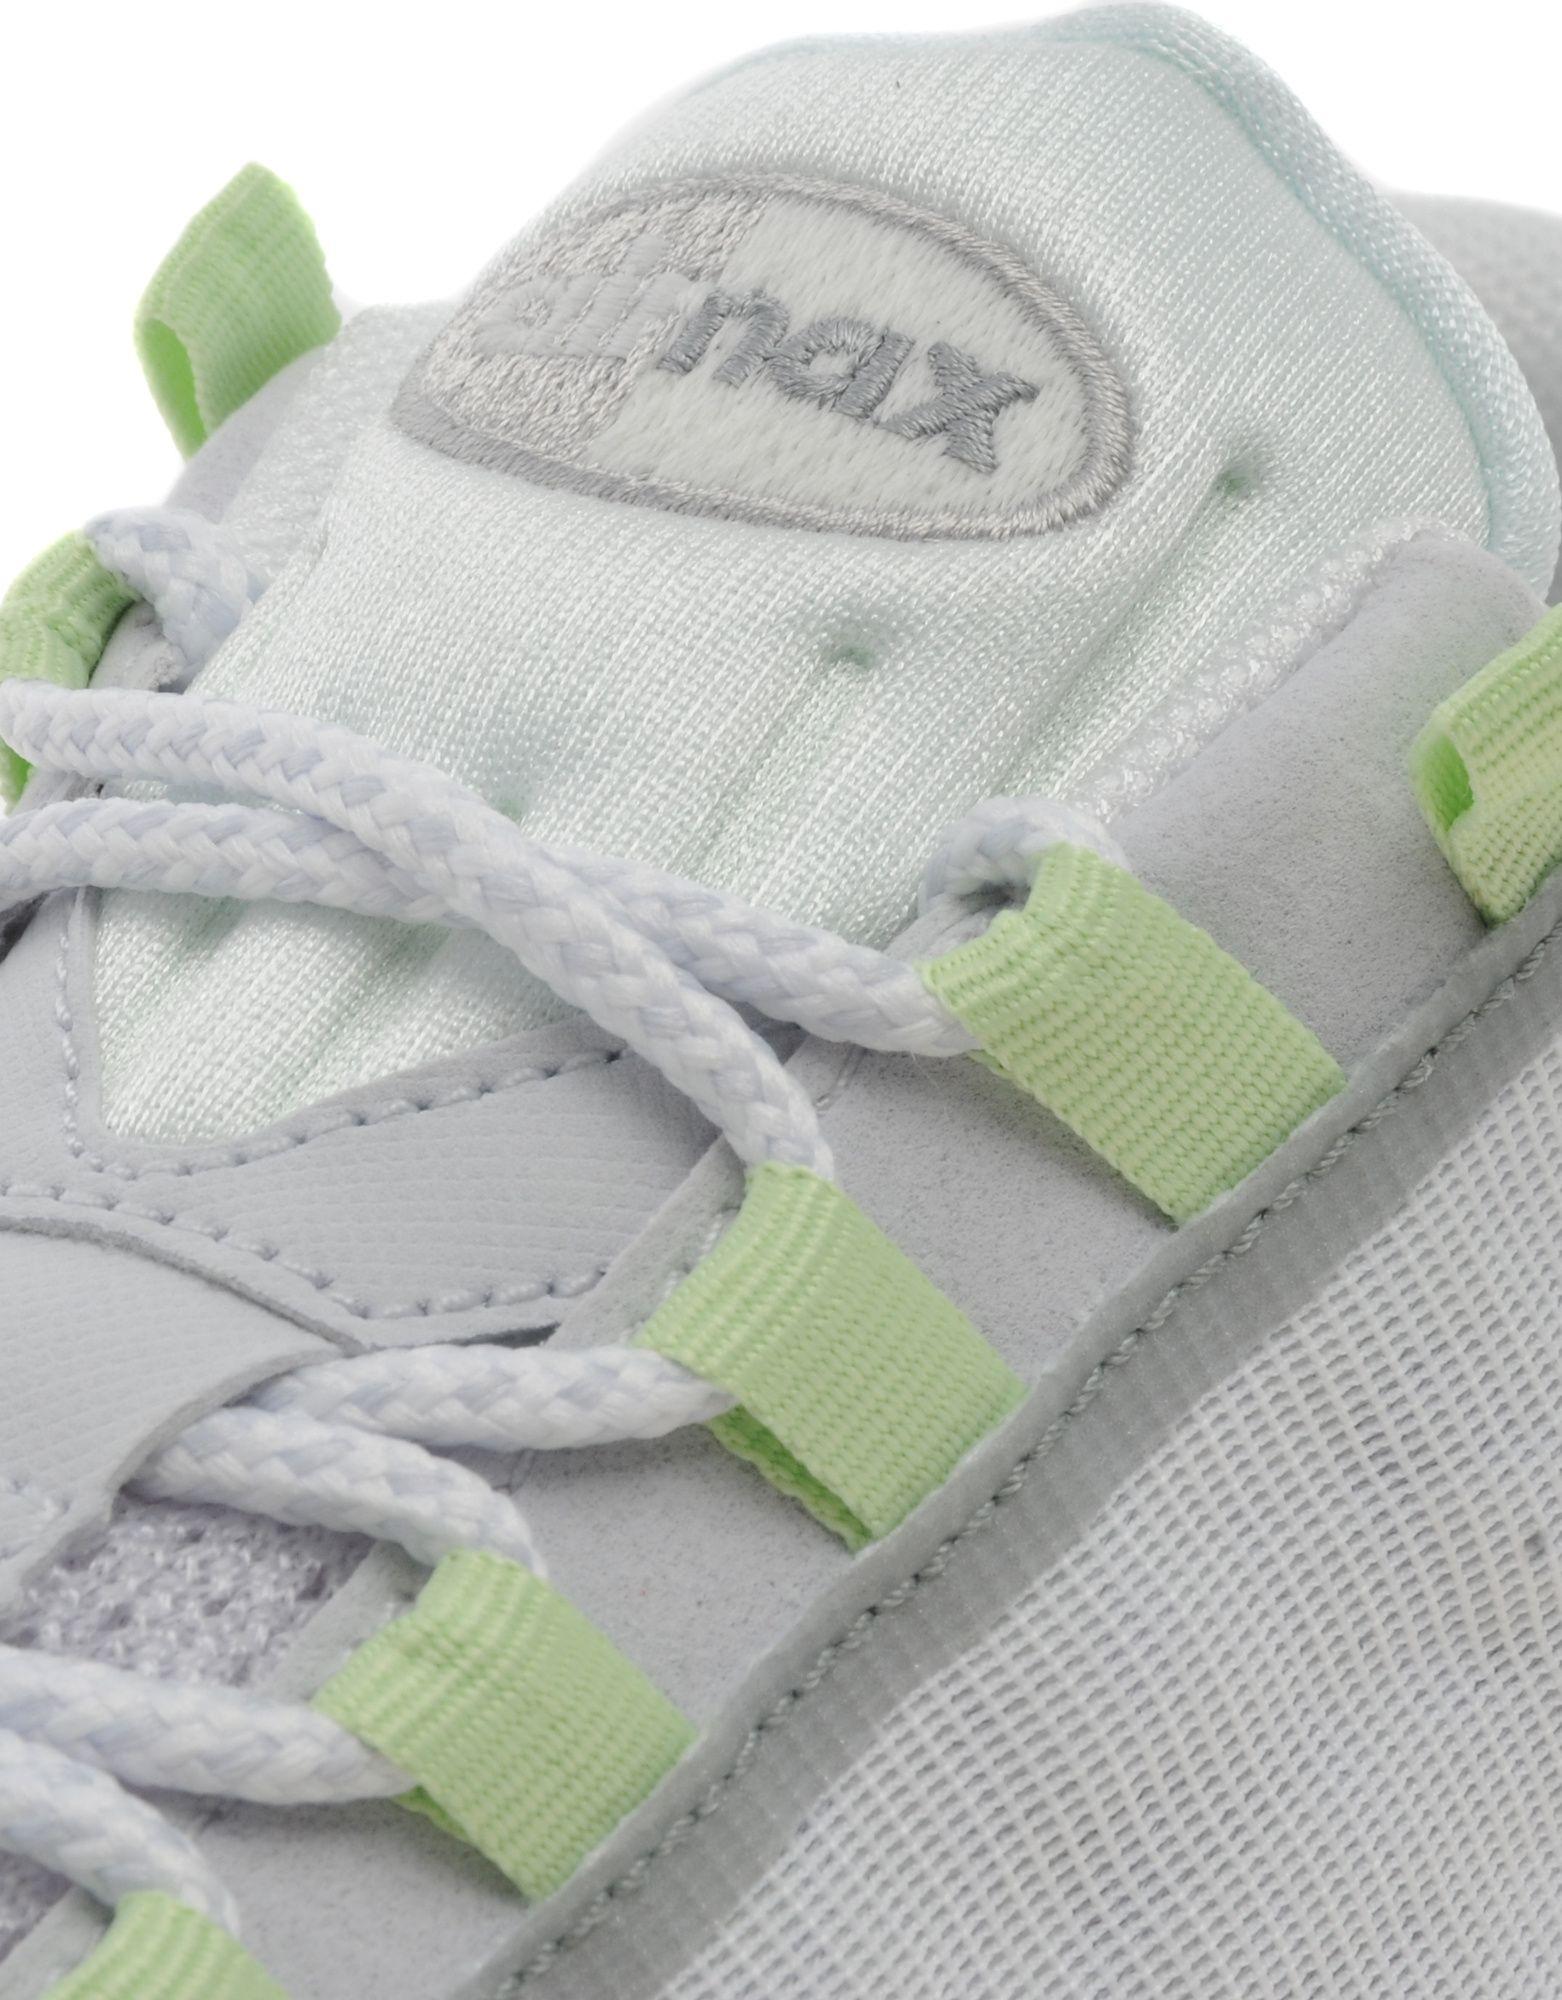 Nike Air Max 95 'Reflective Pack'